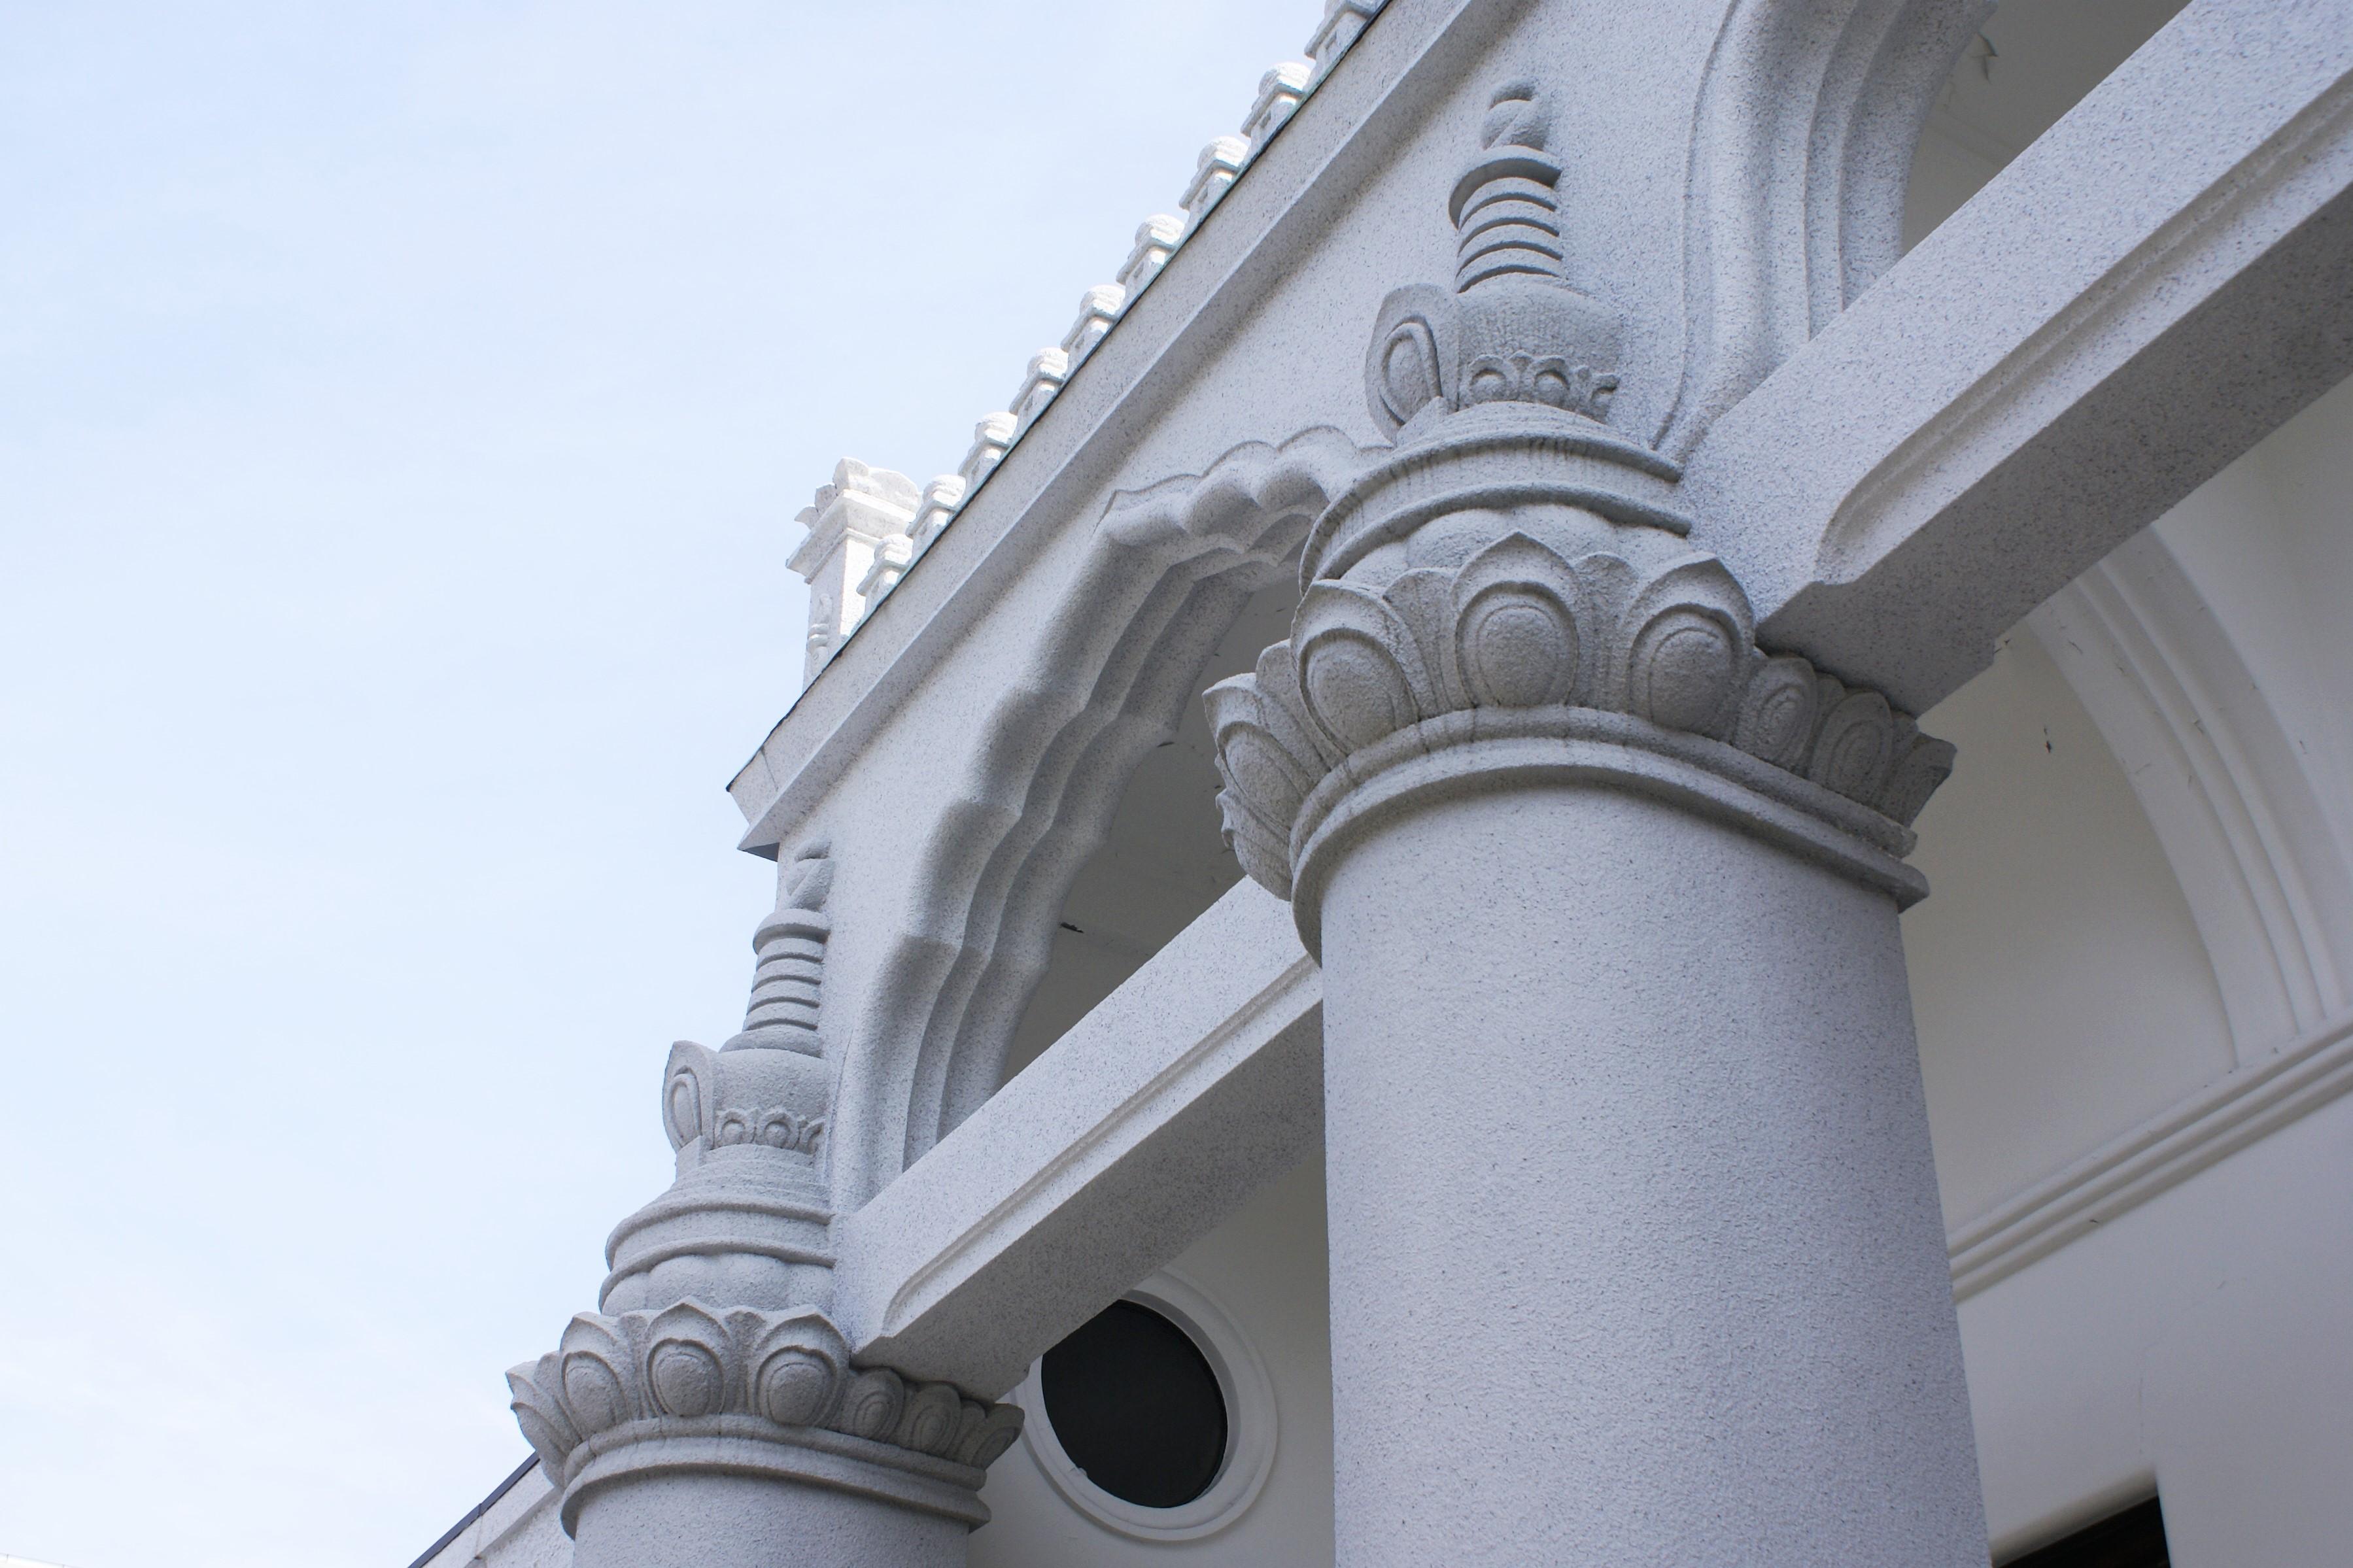 <p>本堂のディテール</p>柱上の相輪風の飾り,パラペットの宝珠柱風手摺子,多弁アーチなどによりインド風の外観となっている。